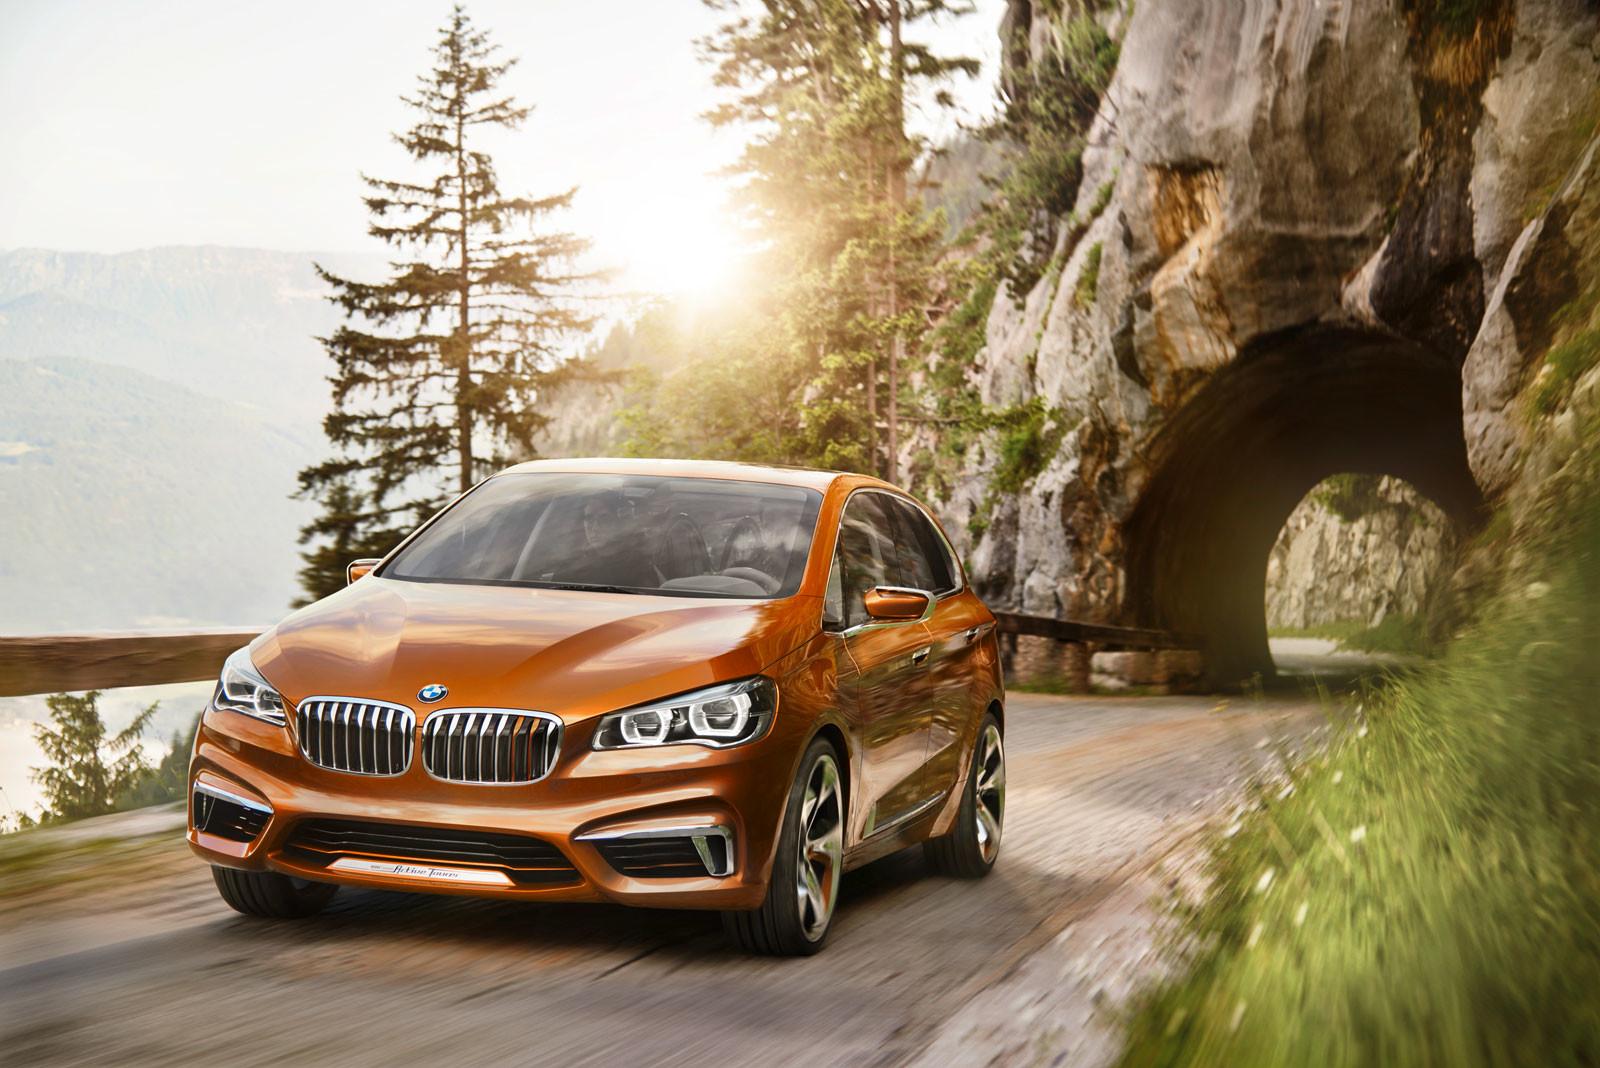 宝马BMW Concept Active